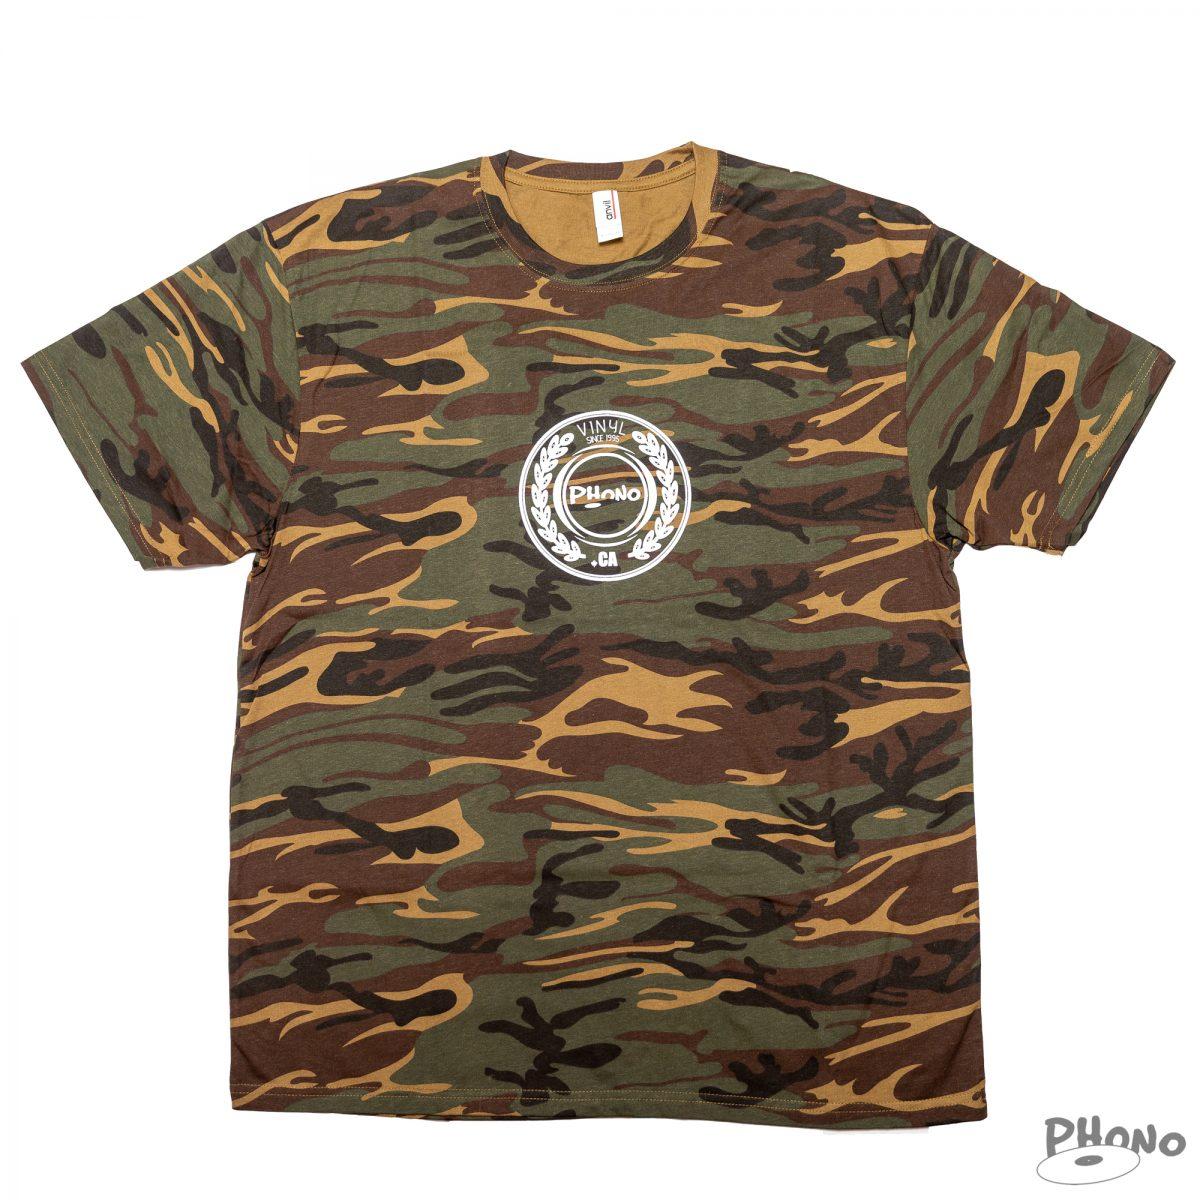 Phono_Crown_Camo_T-shirt